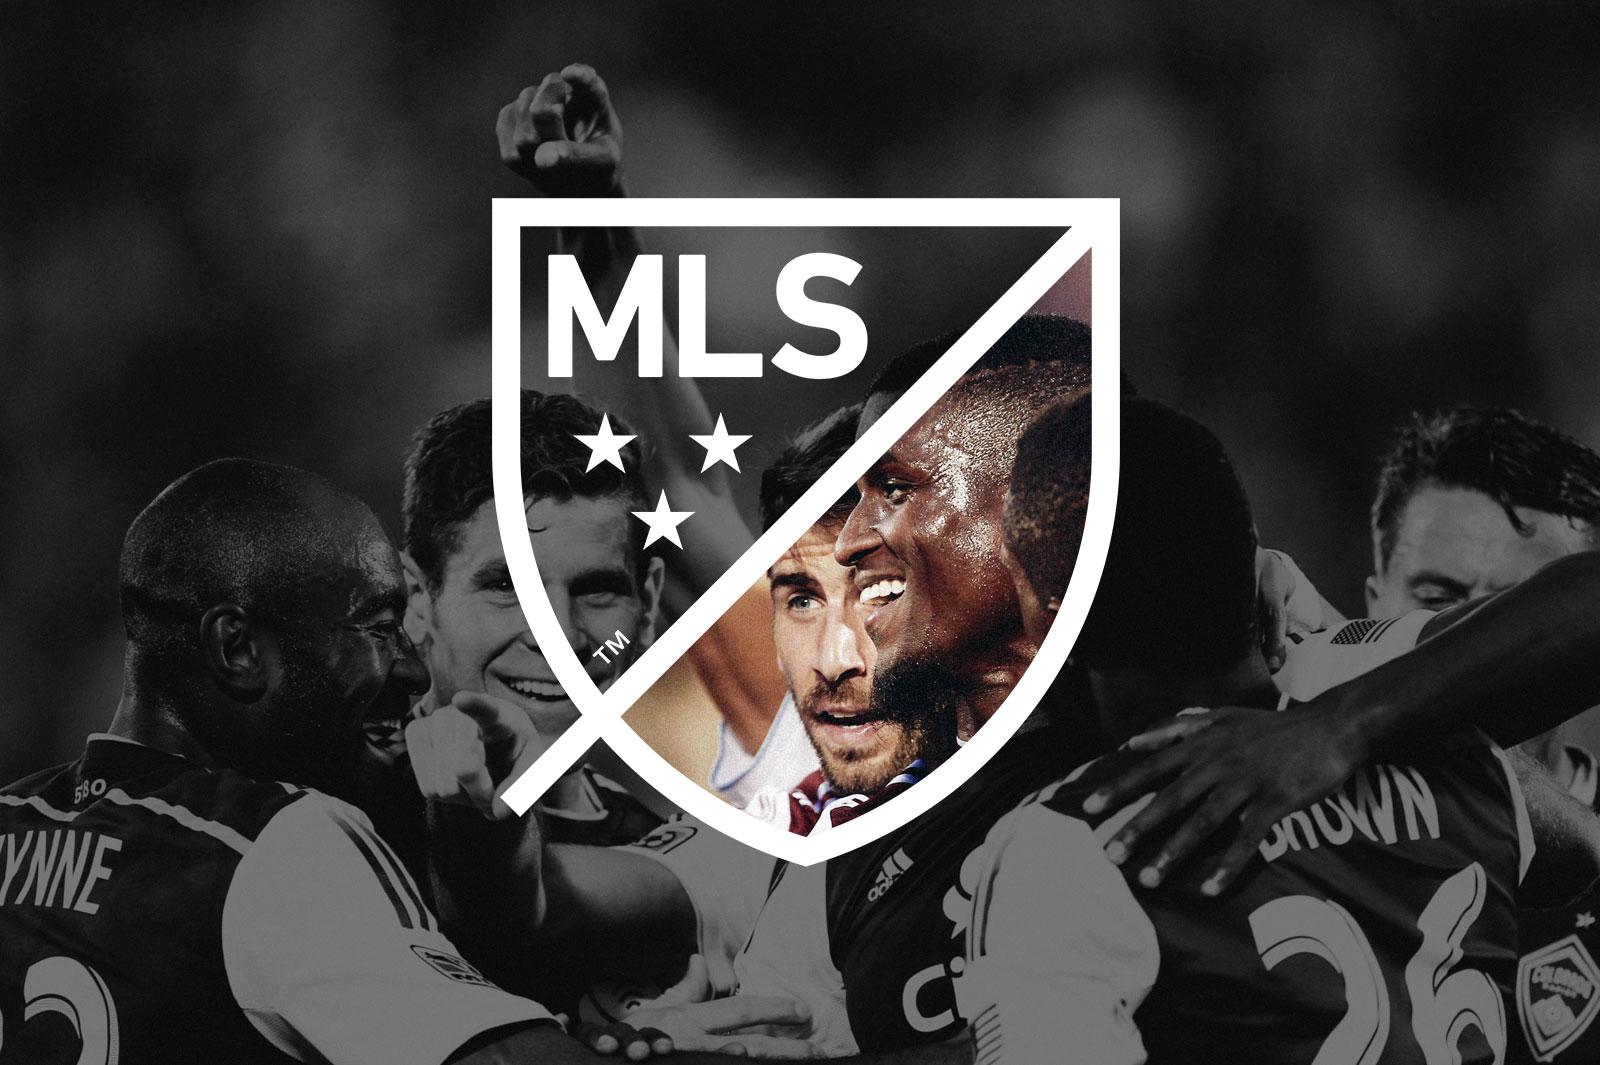 Il nuovo logo della MLS